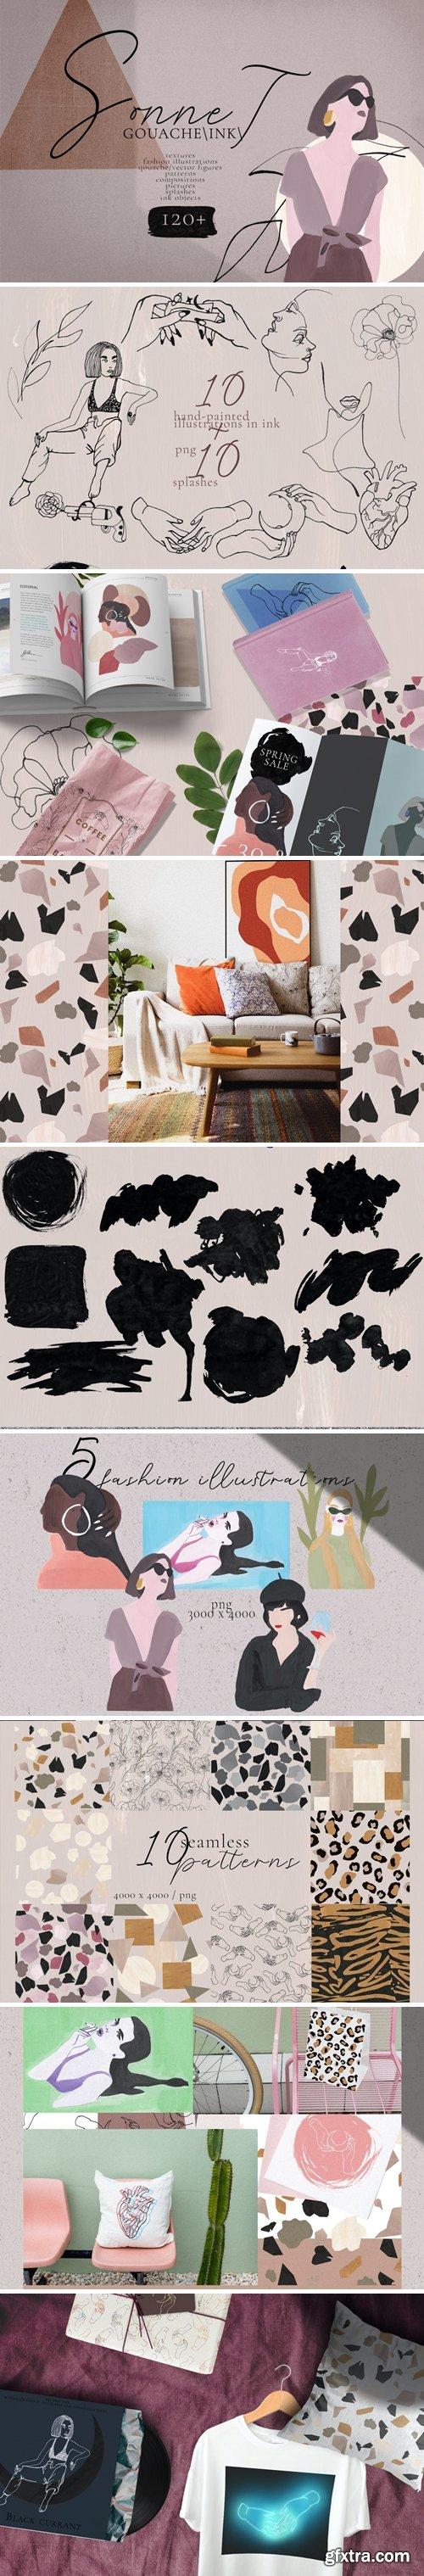 CreativeMarket - Sonnet - abstract gouache/ink art 3688099